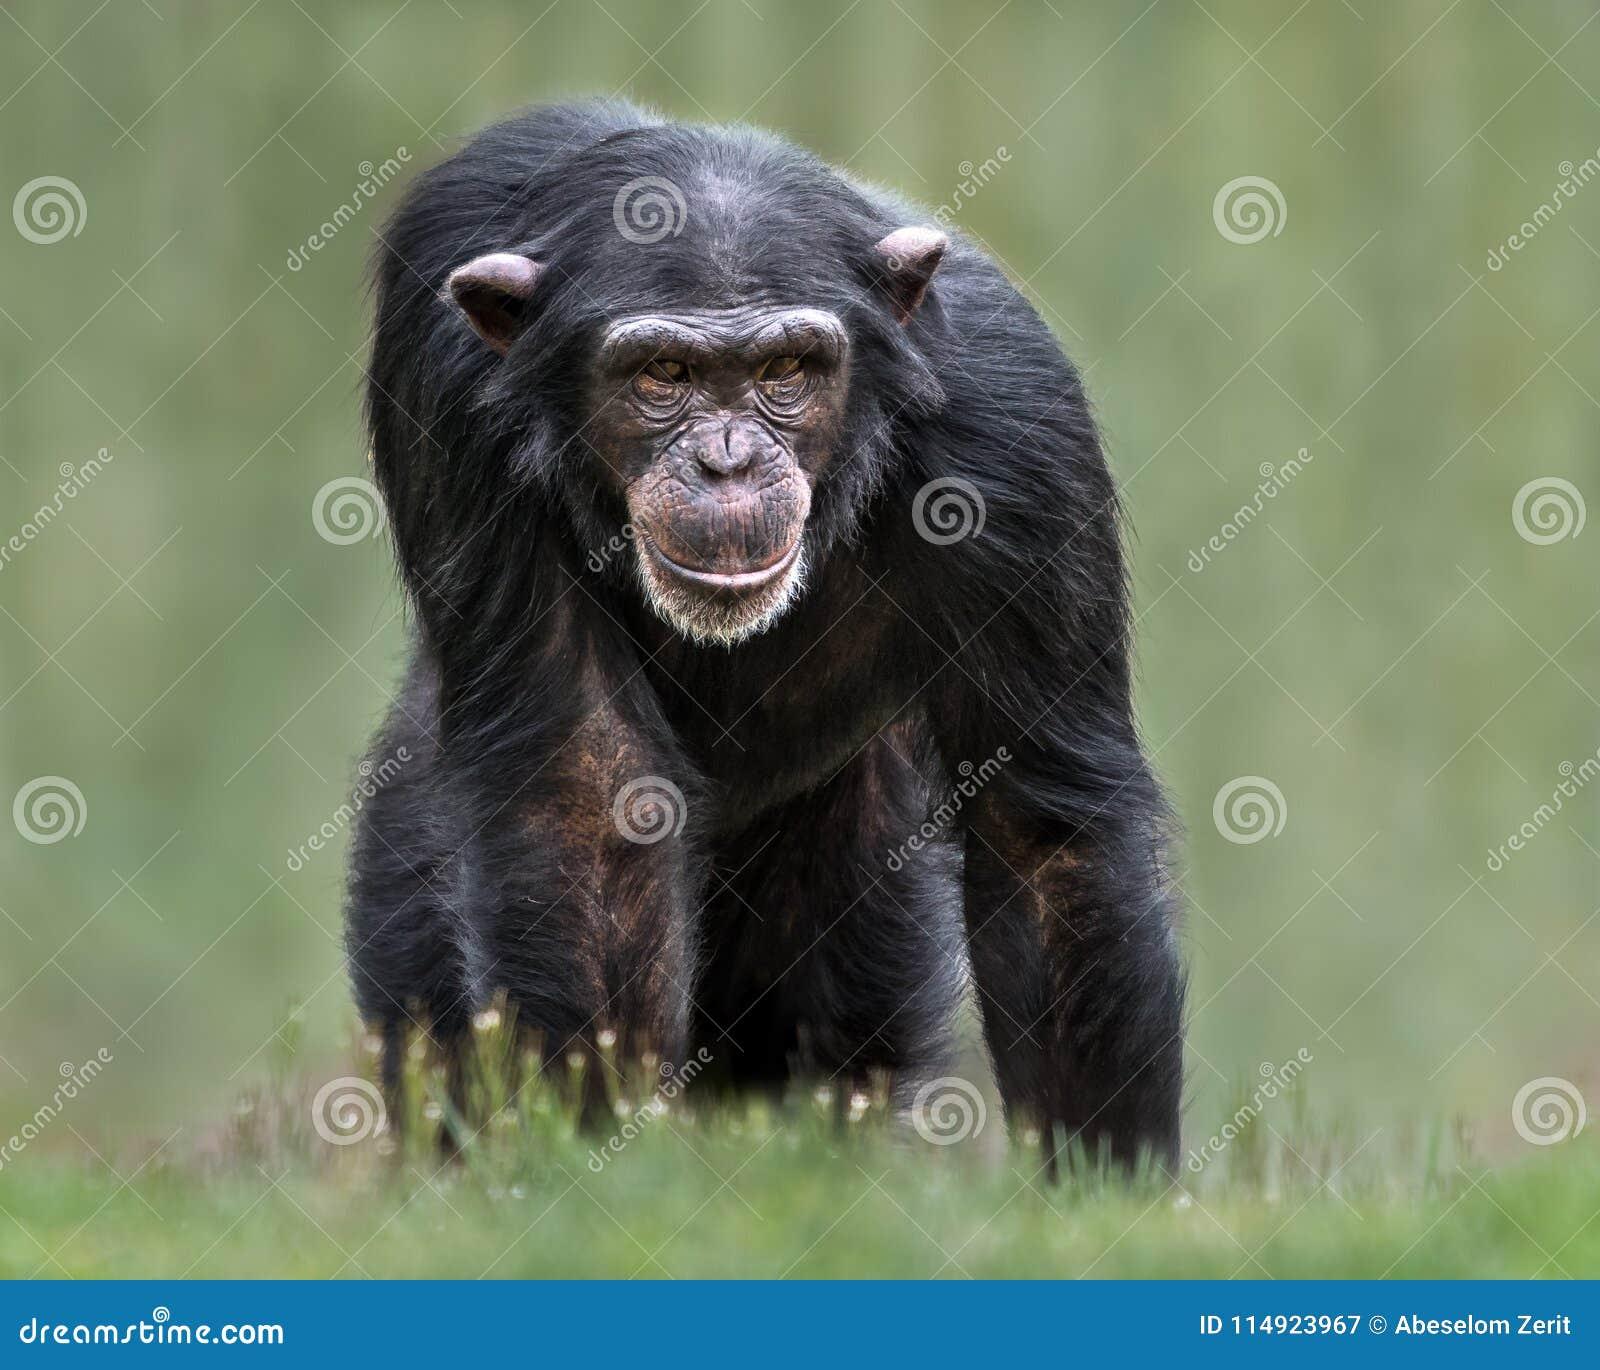 Chimpanzee XXXII